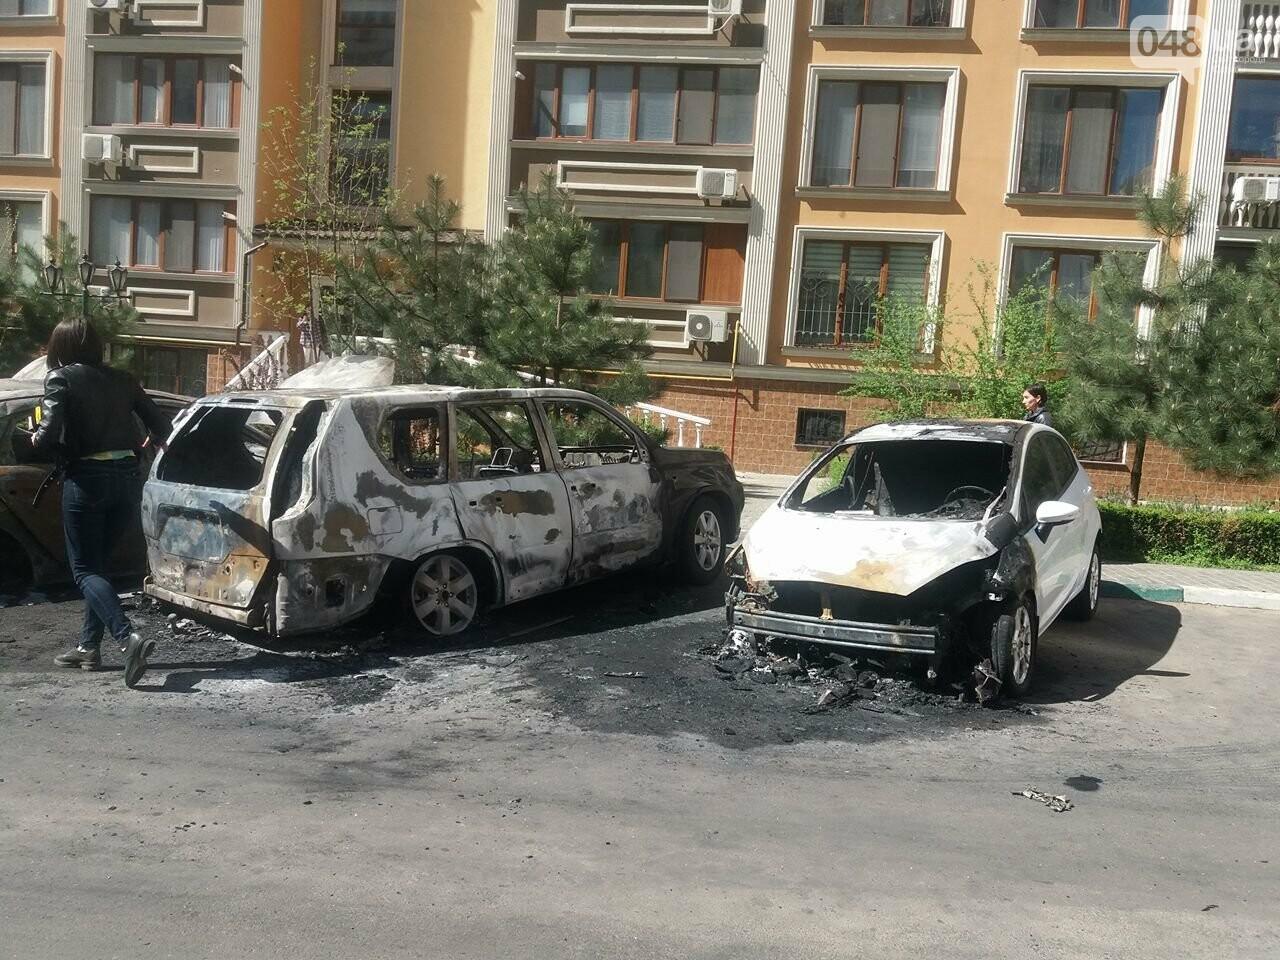 Сгоревшие авто на утро после пожара: что говорят одесситы (ФОТО, ВИДЕО), фото-14